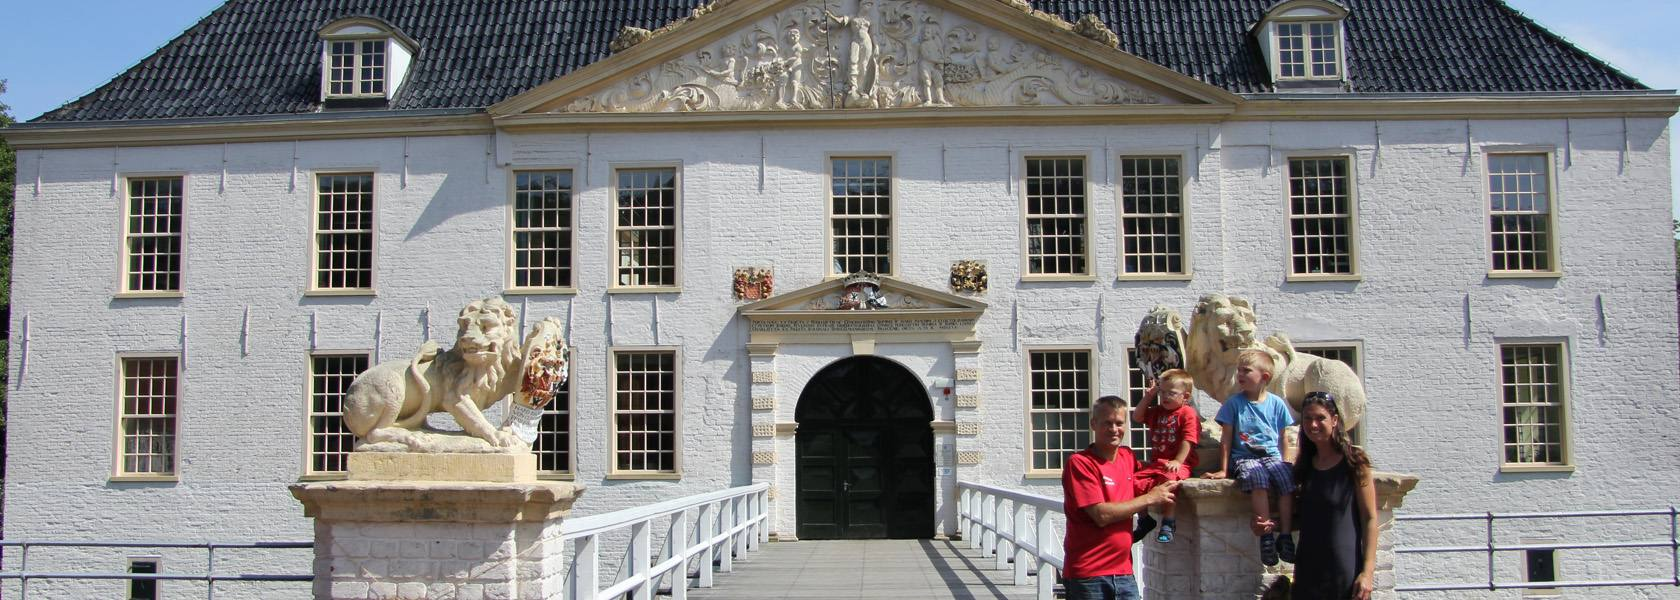 Wasserschloss in Dornum, © Tourismus GmbH Gemeinde Dornum